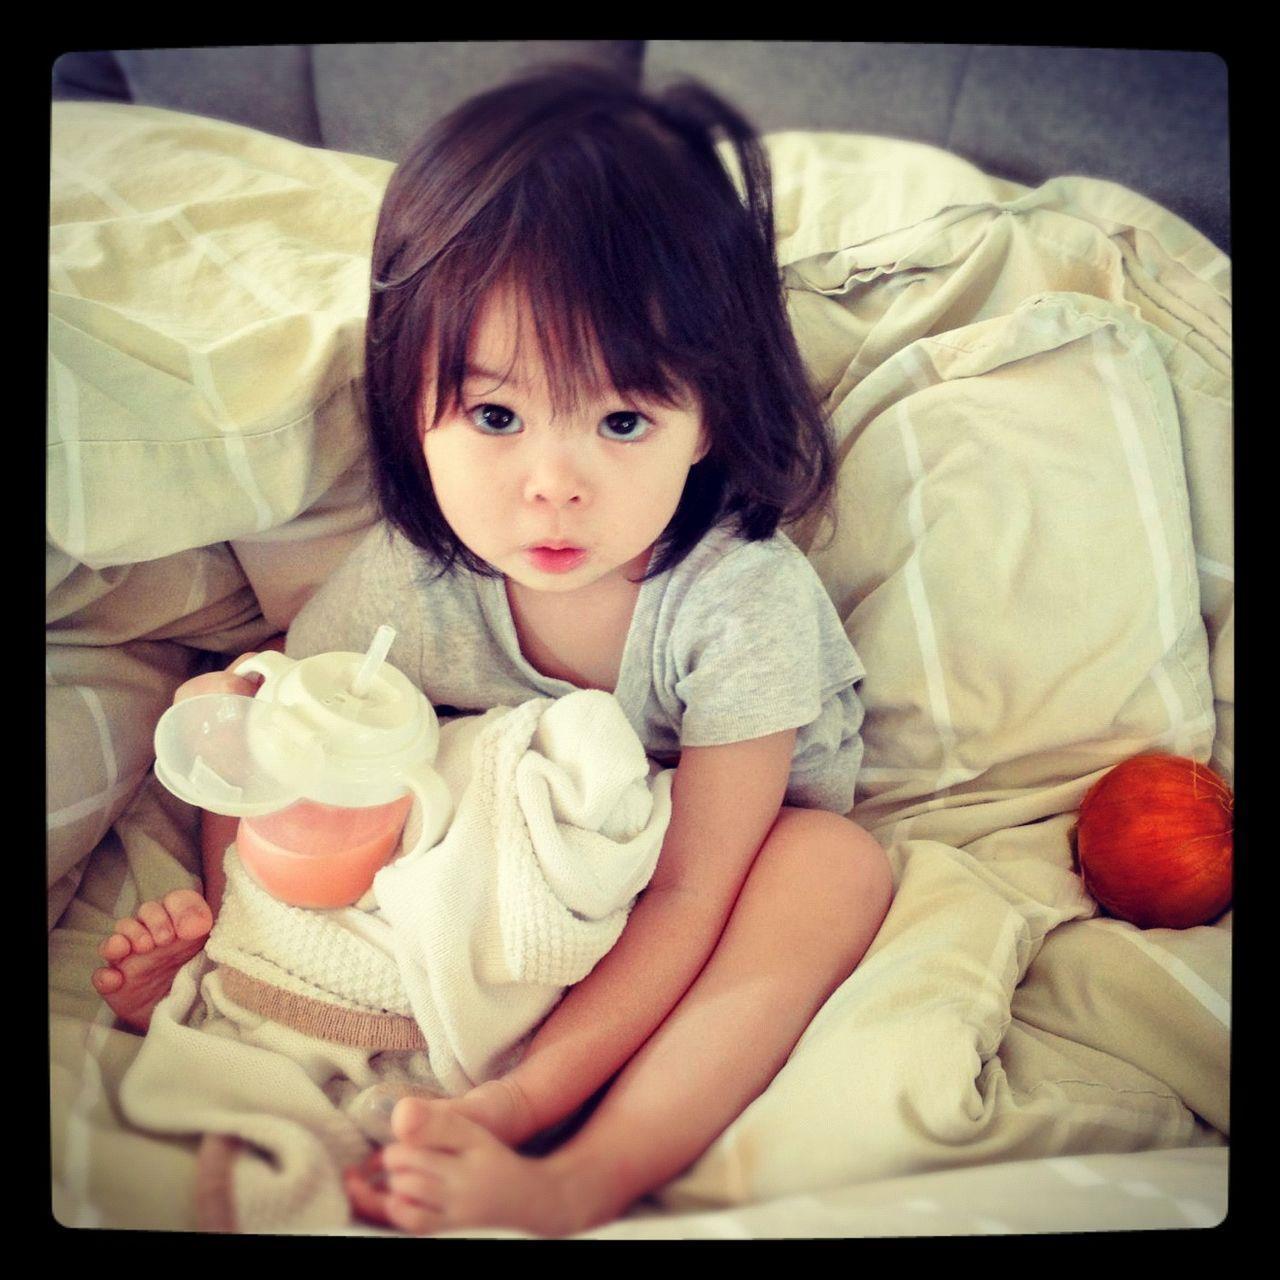 女兒發燒時給她洋蔥與果汁喝